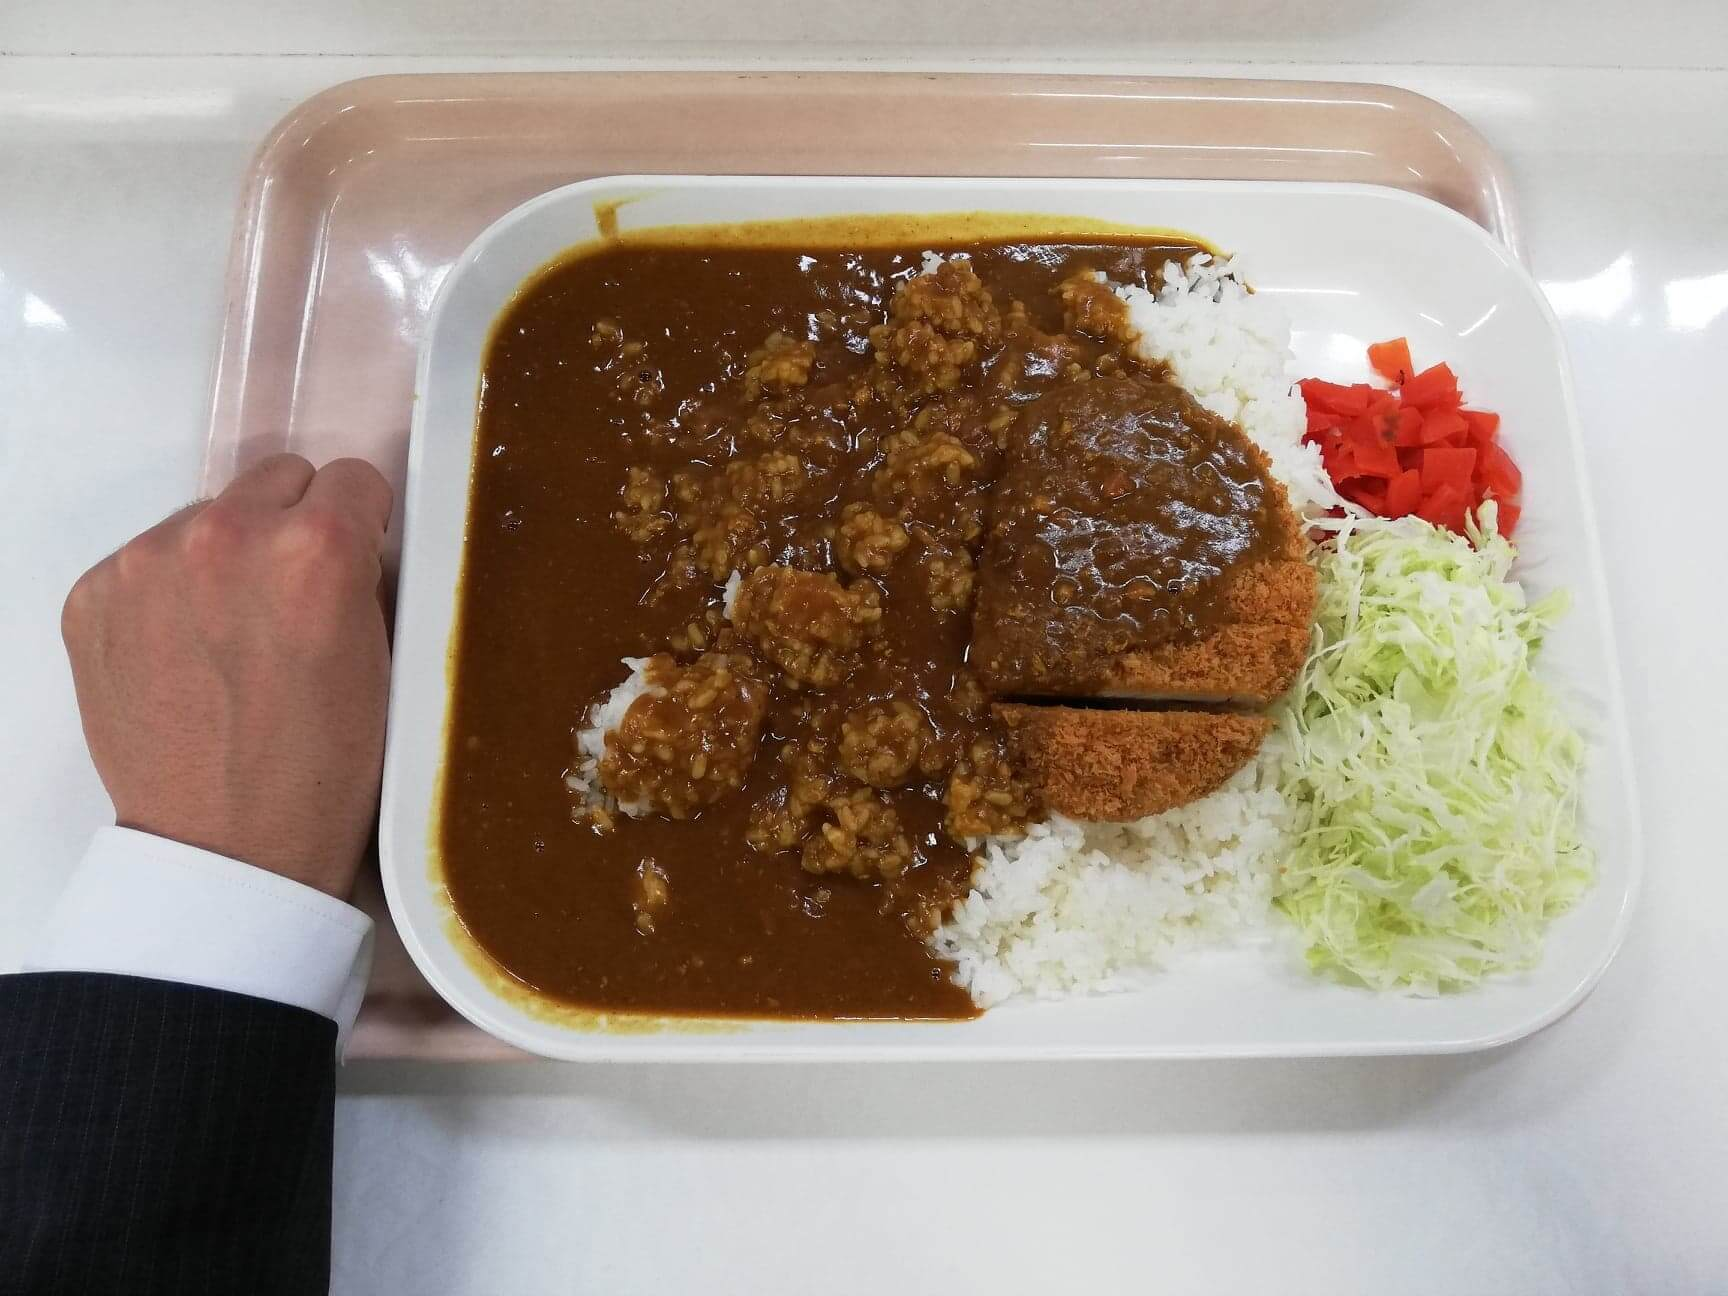 練馬区役所の職員レストランの『メガカツカレー』と拳のサイズ比較写真